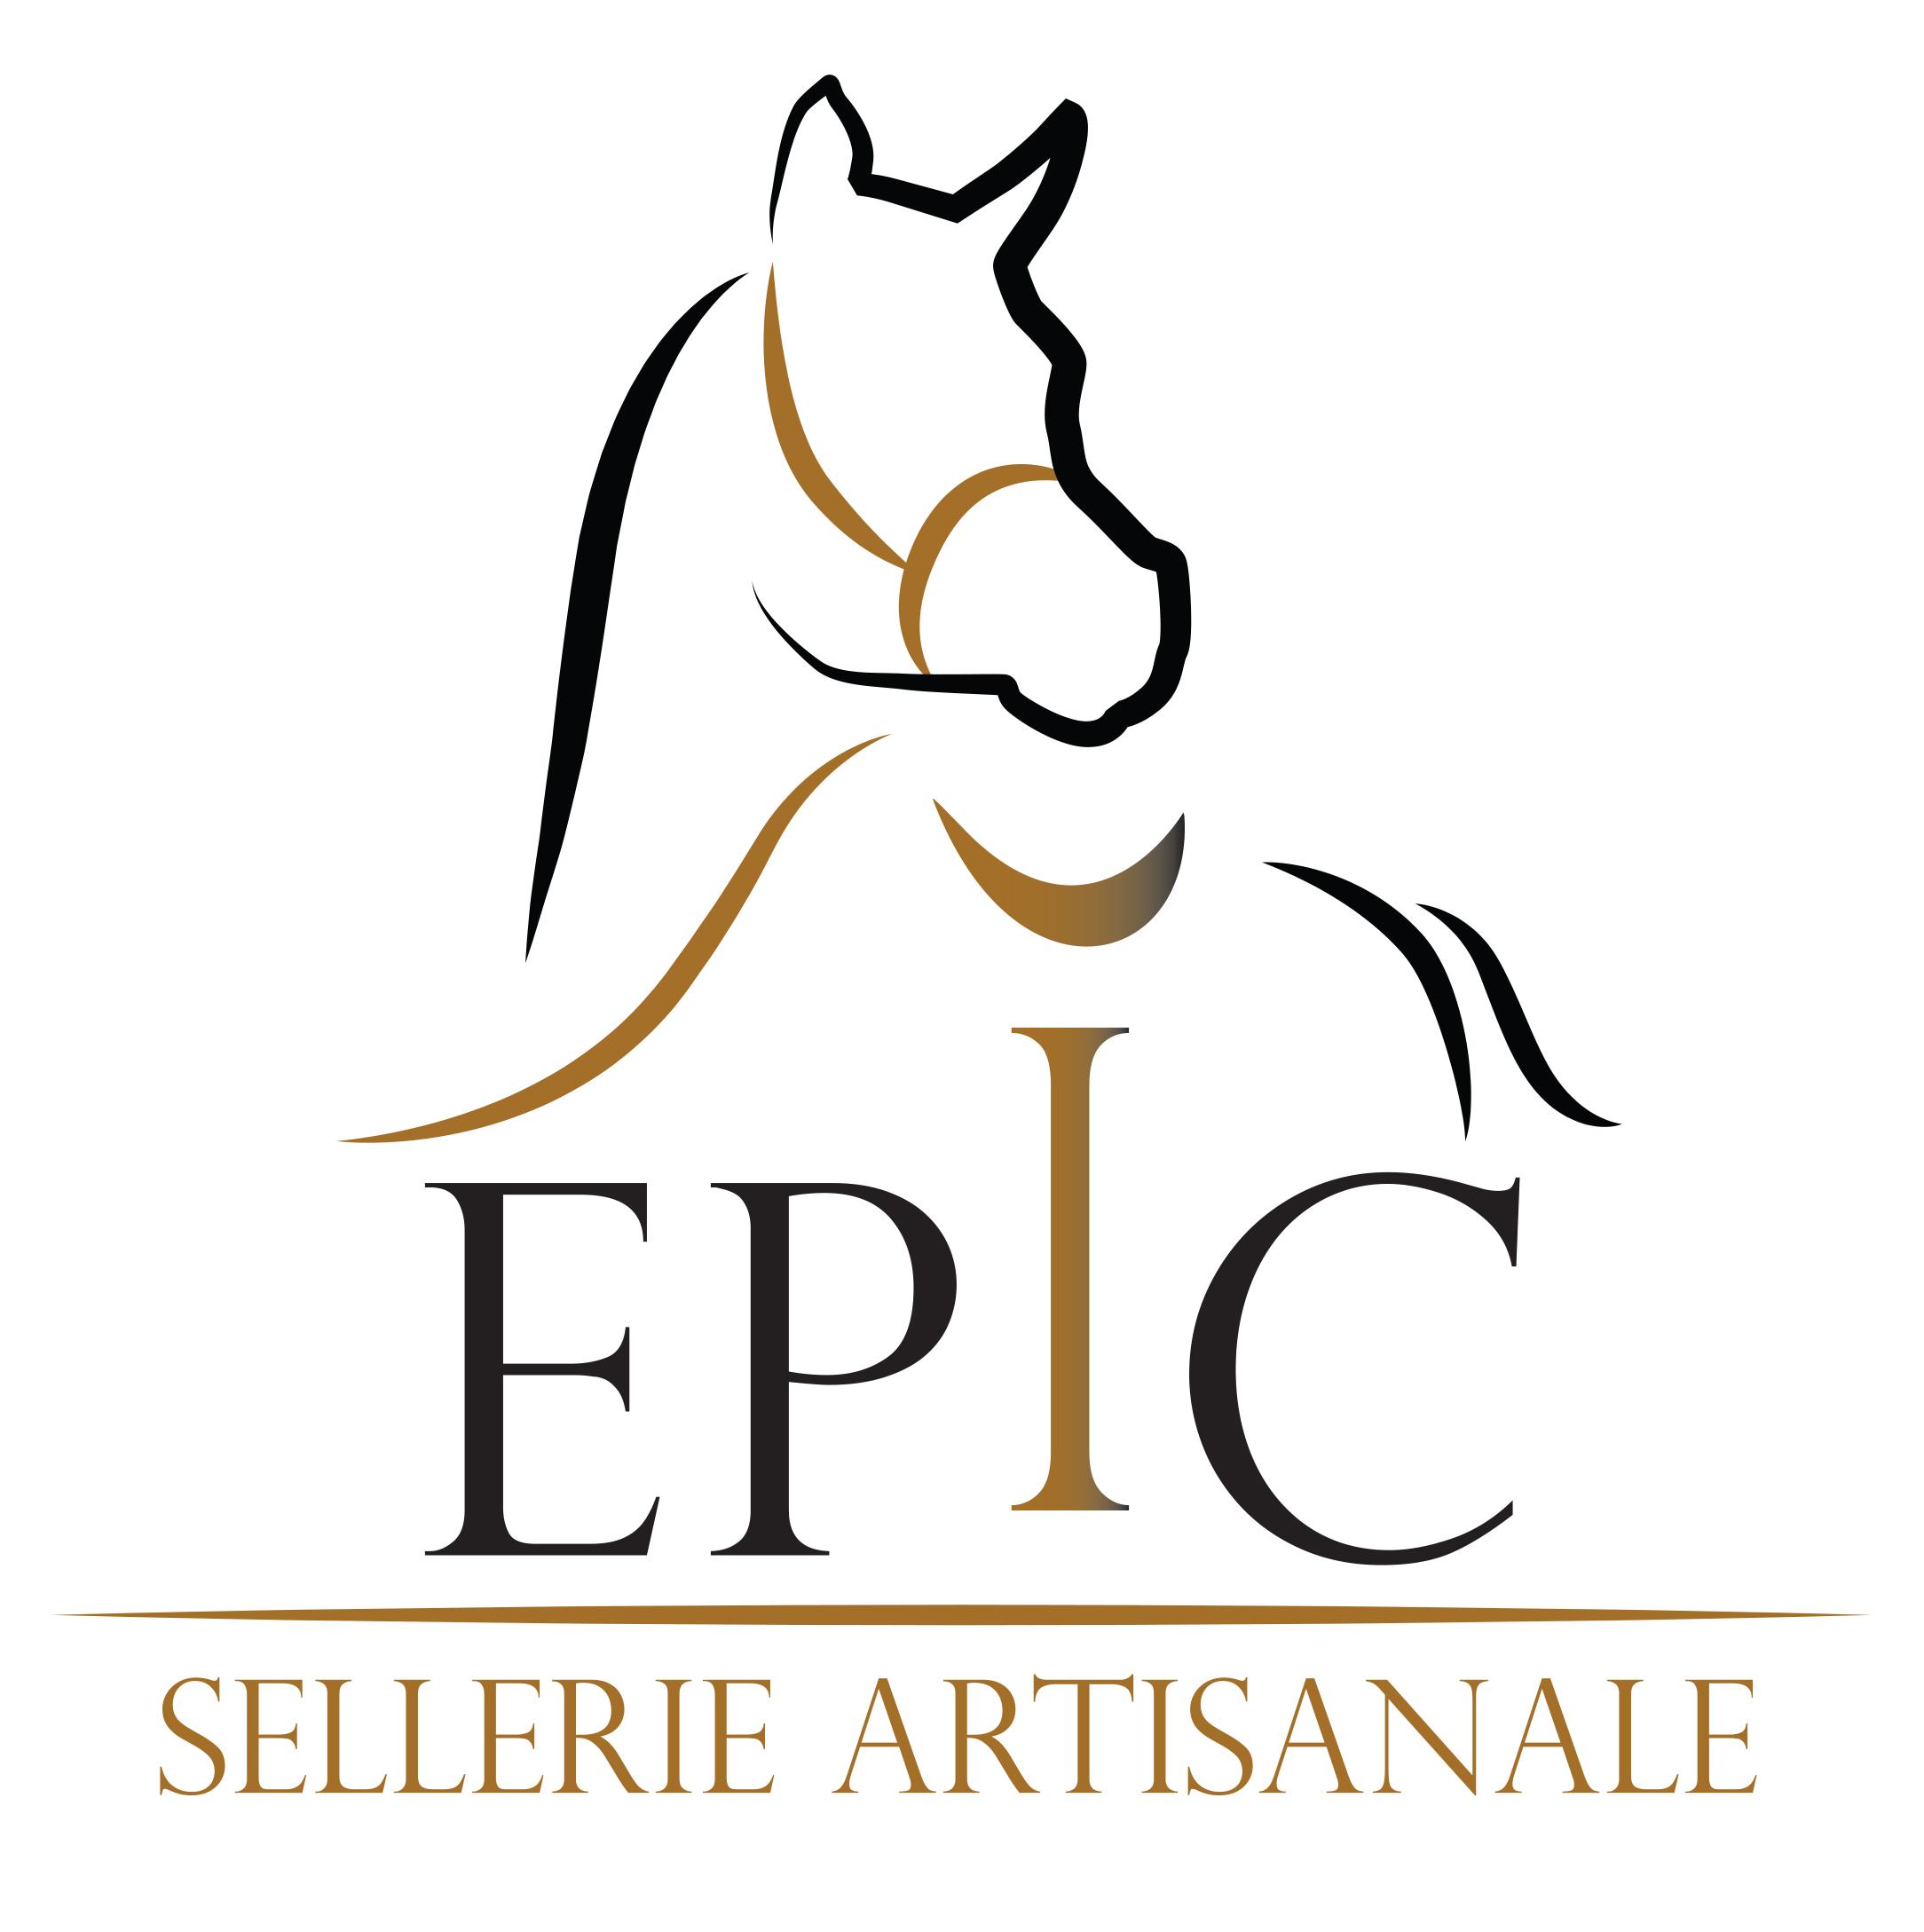 LOGO EPIC sellerie artisanale